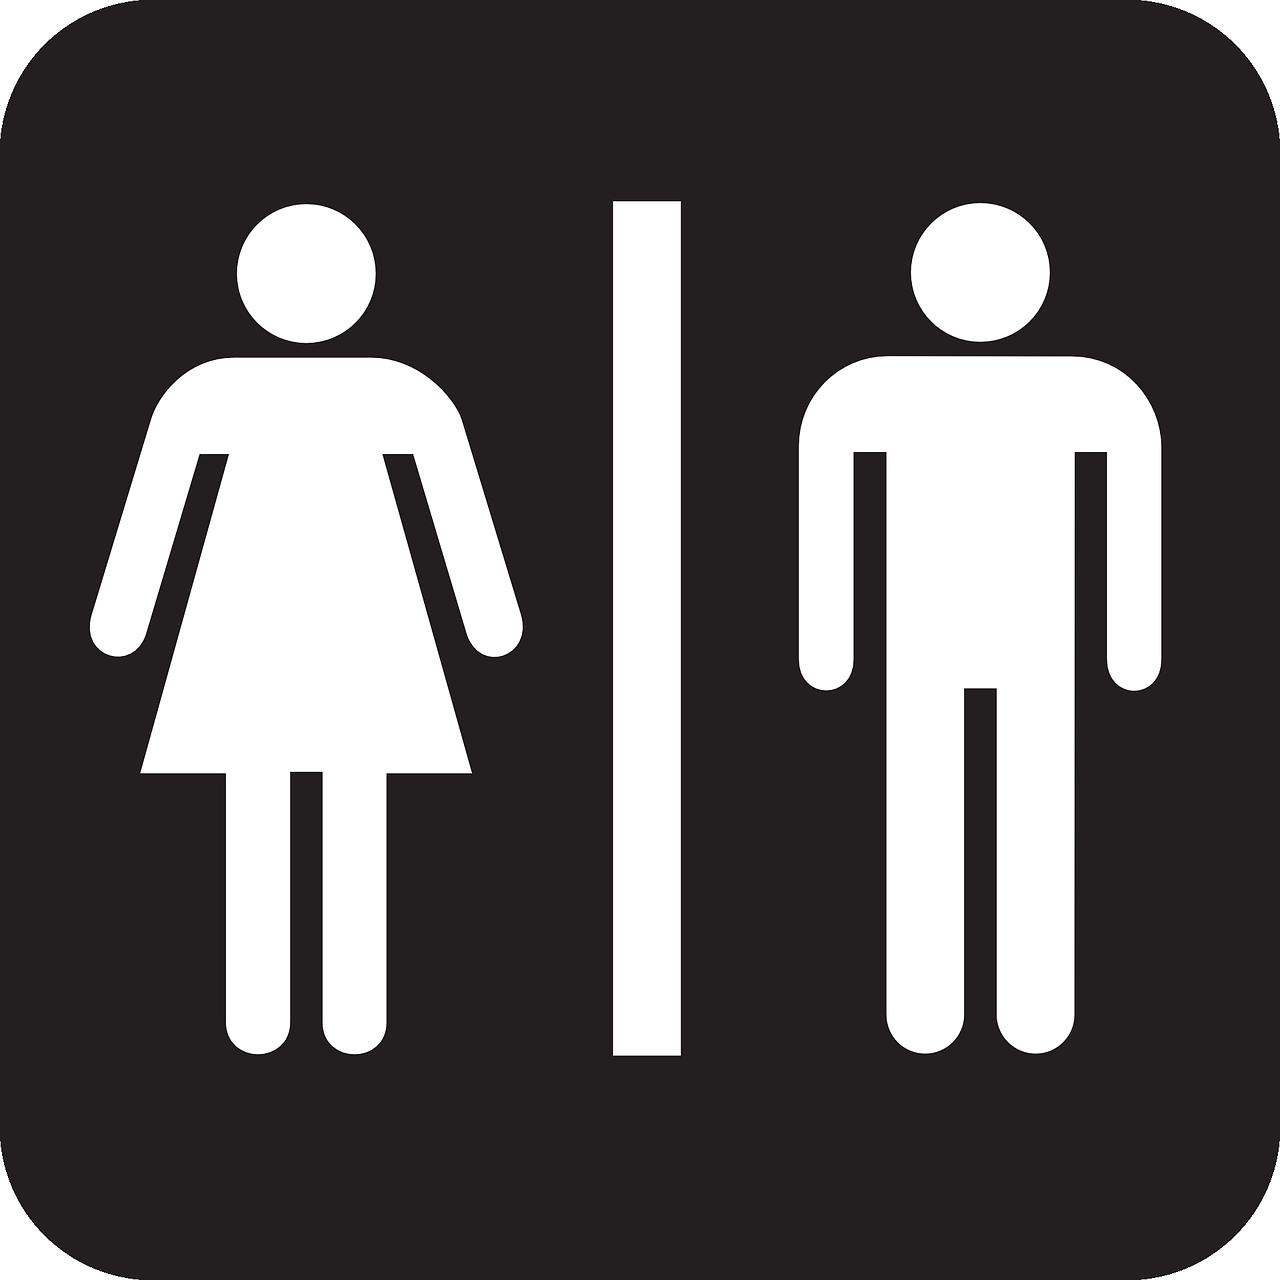 restroom-99226_1280.png